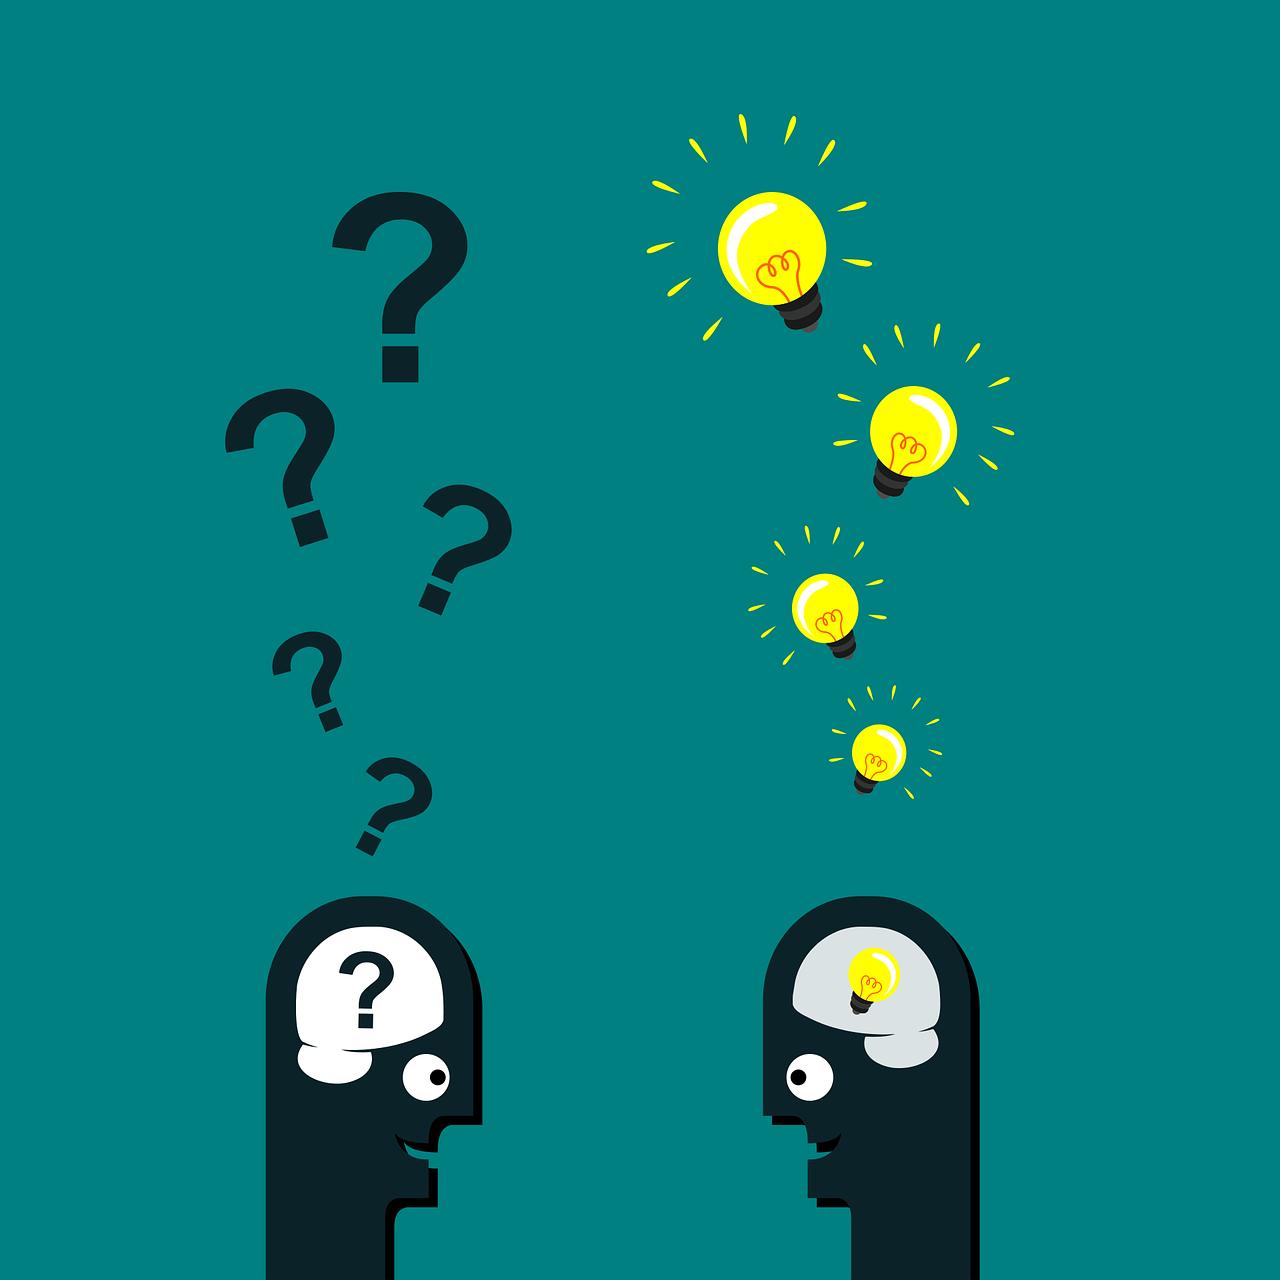 Курсовая, дипломная, магистерская – в чем отличия?